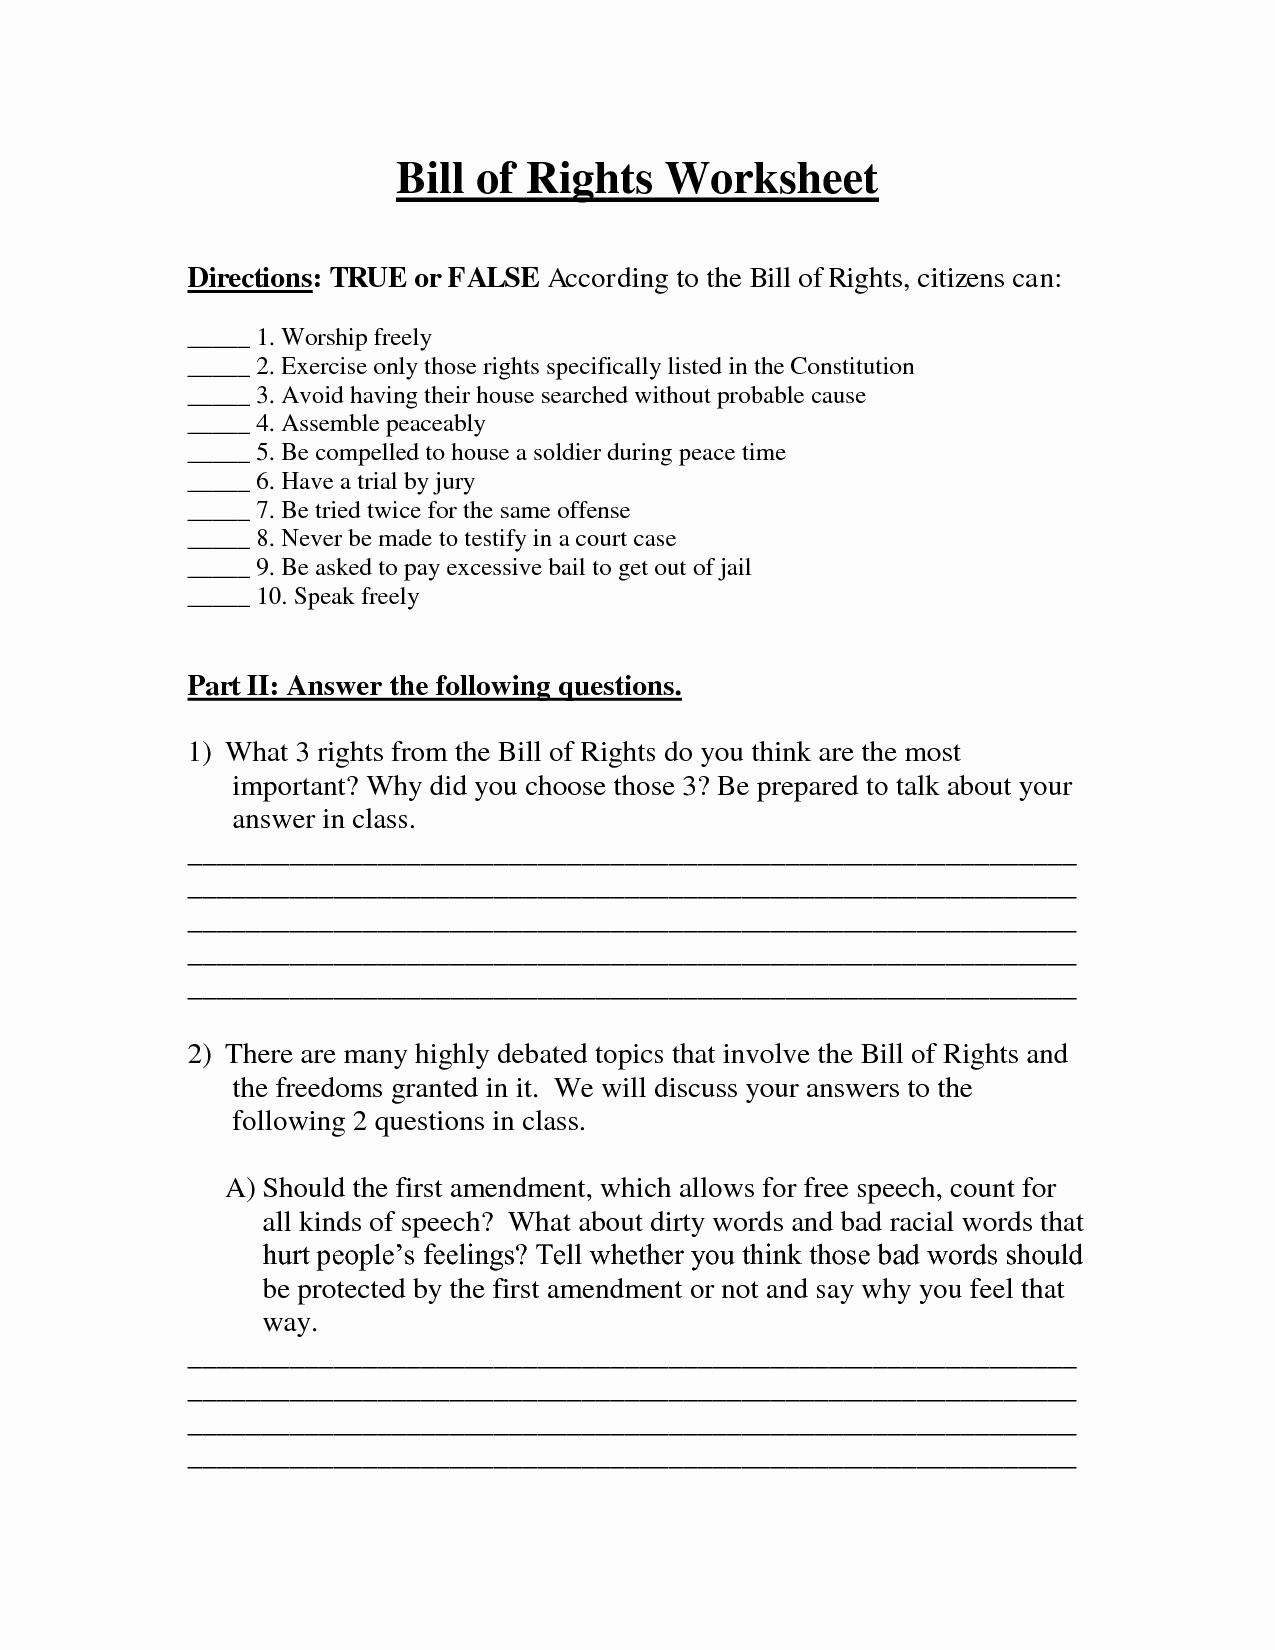 Bill Of Rights Worksheet Luxury 6 Best Of Bill Rights Amendments Worksheet